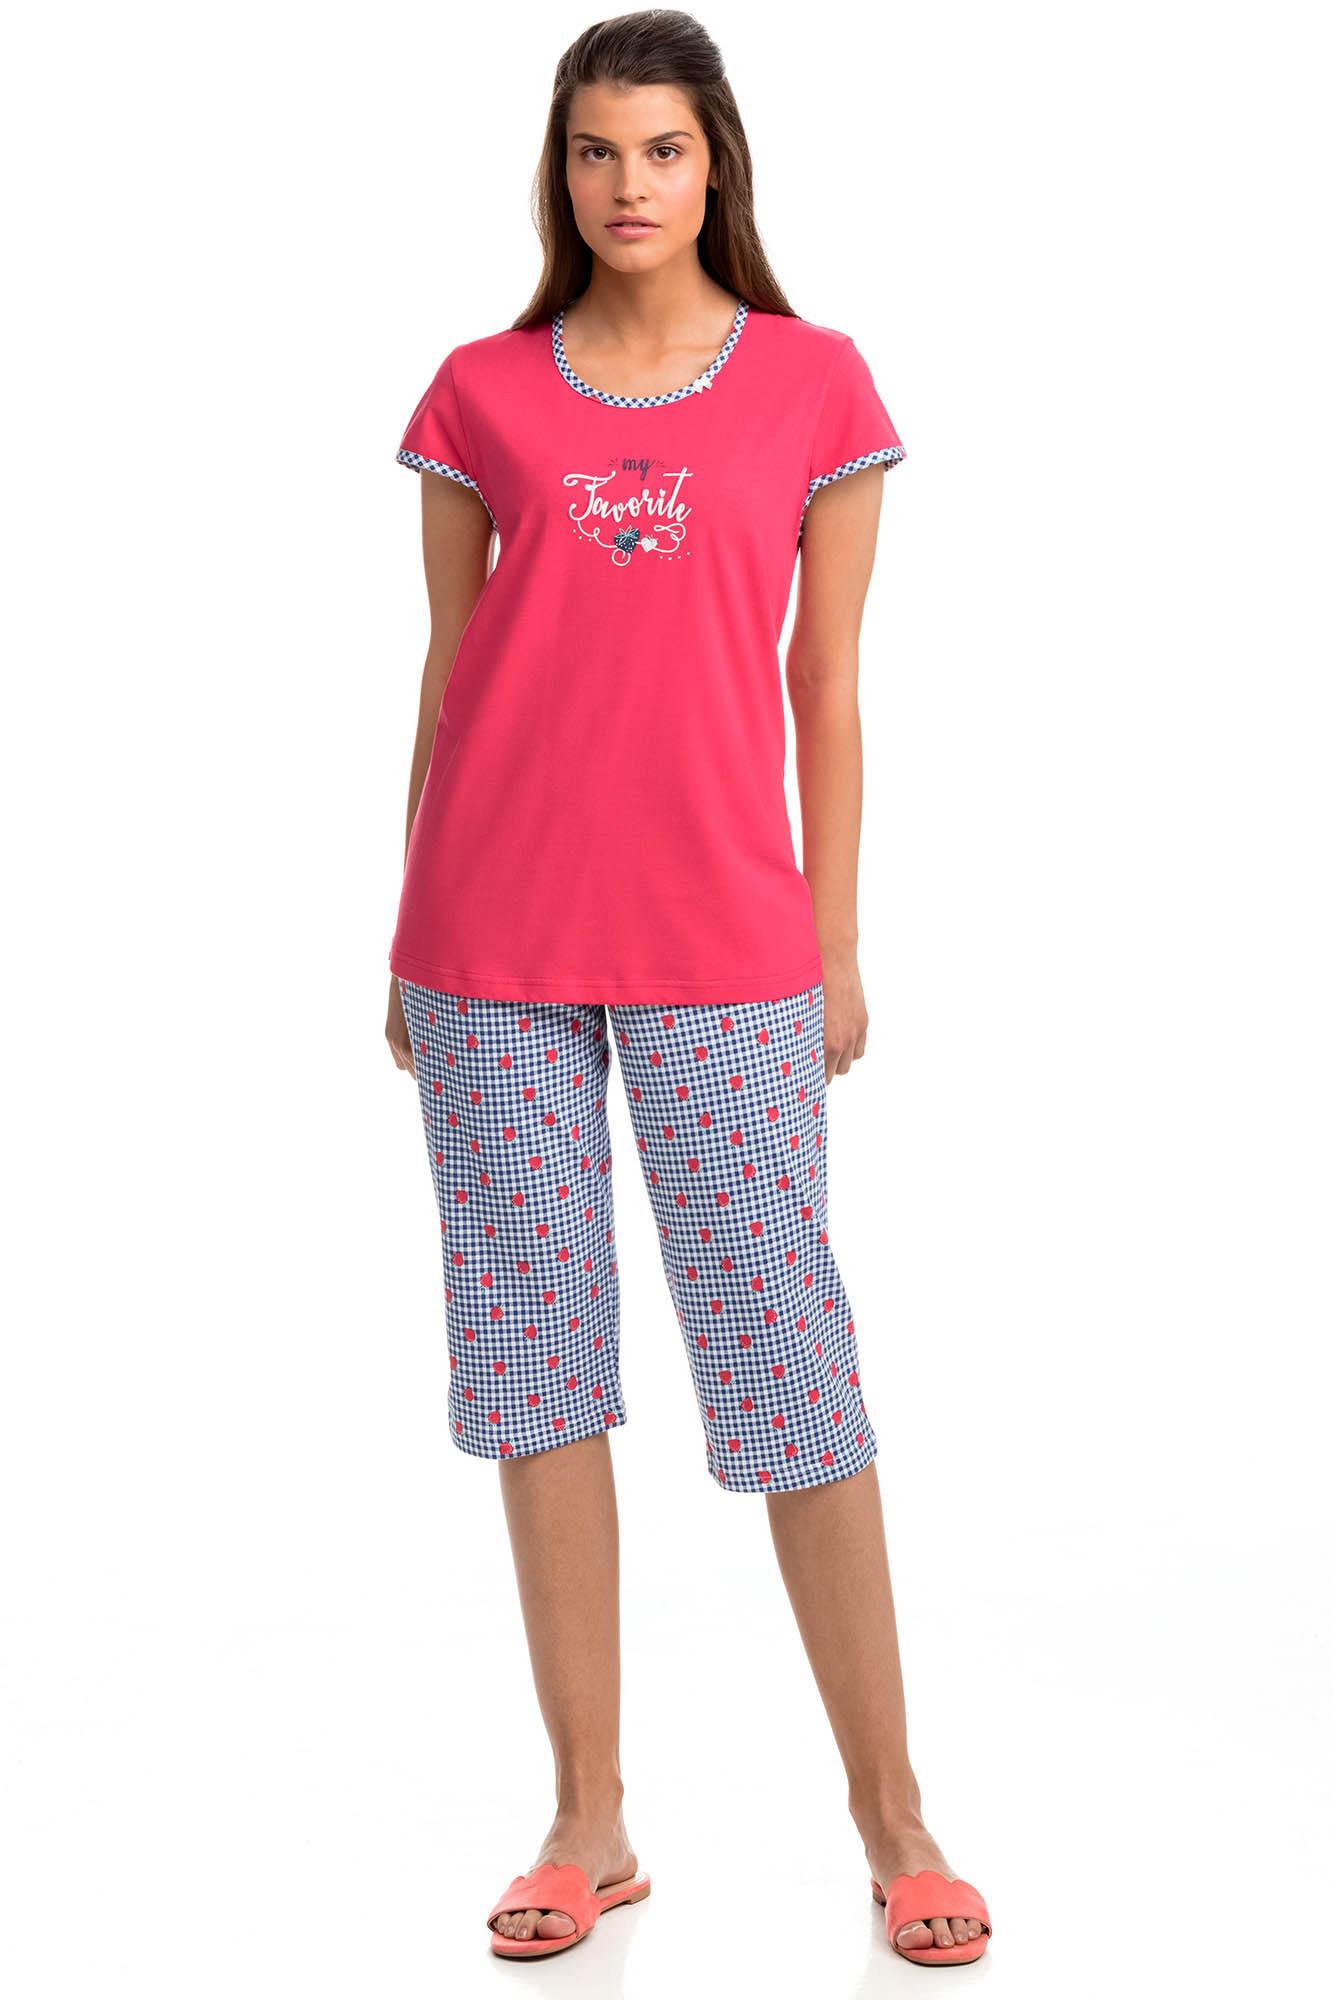 Vamp - Pohodlné dvojdielne dámske pyžamo 14390 - Vamp poppy red l